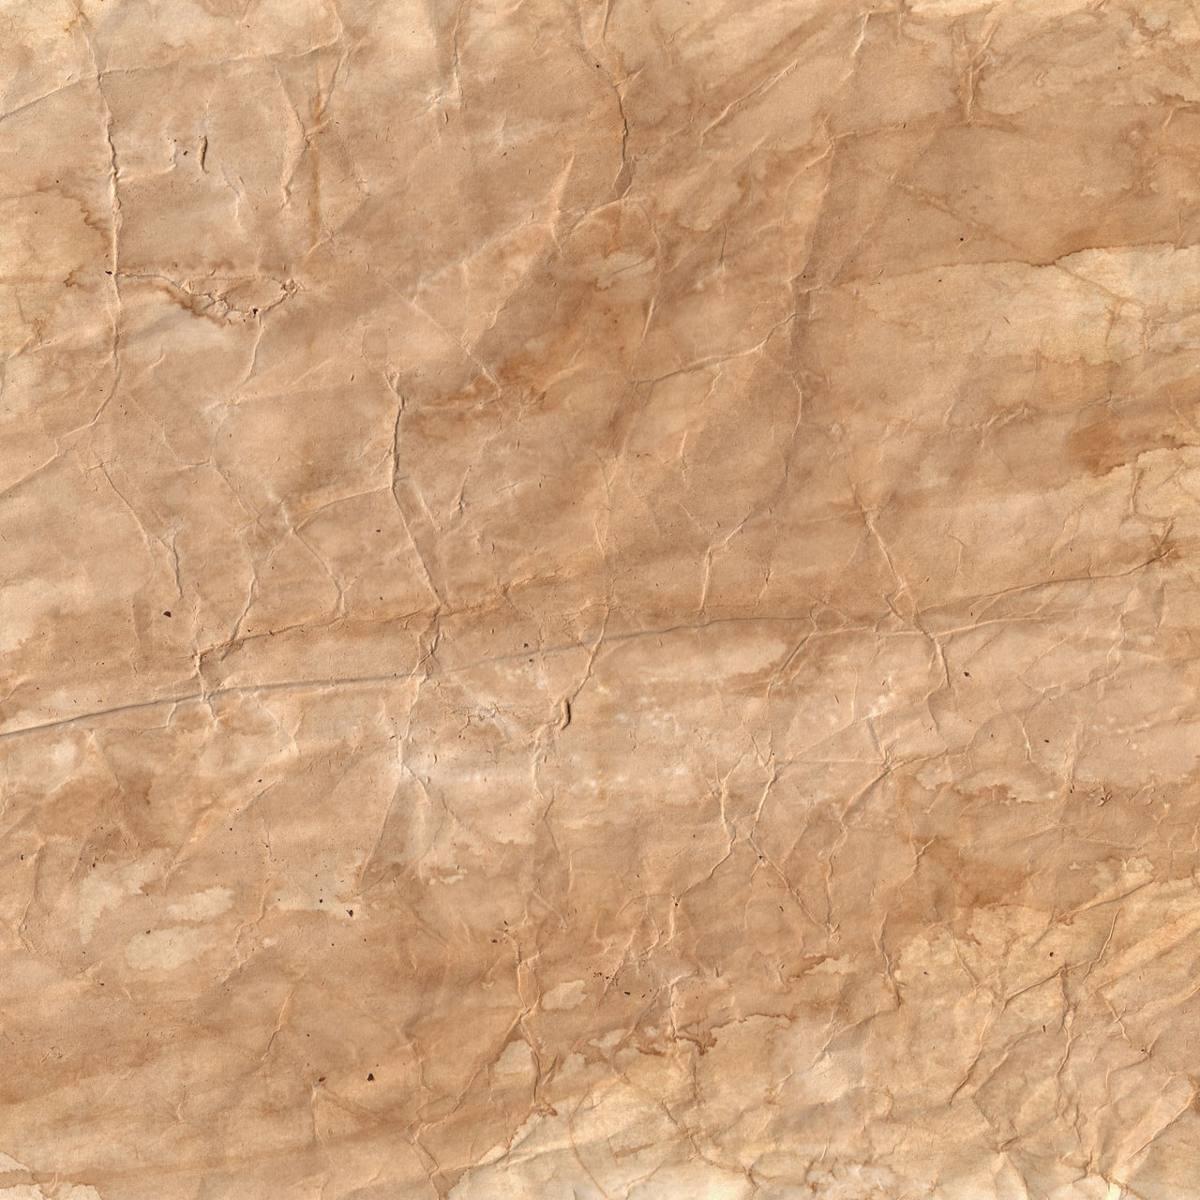 Gravity Falls Wallpaper Papel De Caf 233 Revoluci 243 N Papel Diar 237 O Paquetes Papeler 237 A